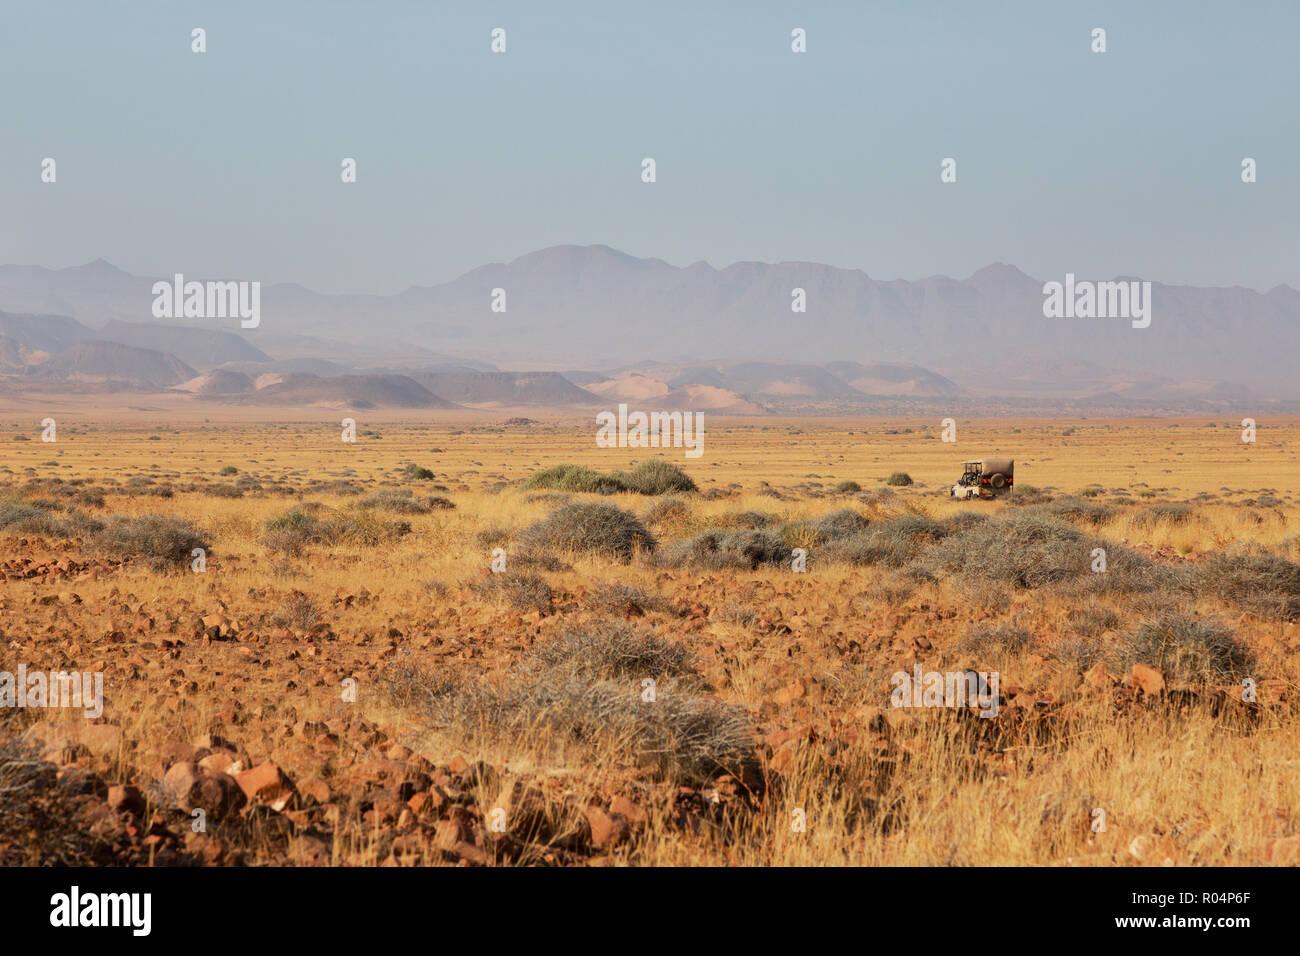 Namibia landscape - Sunrise jeep safari, Damaraland, Namibia Africa - Stock Image